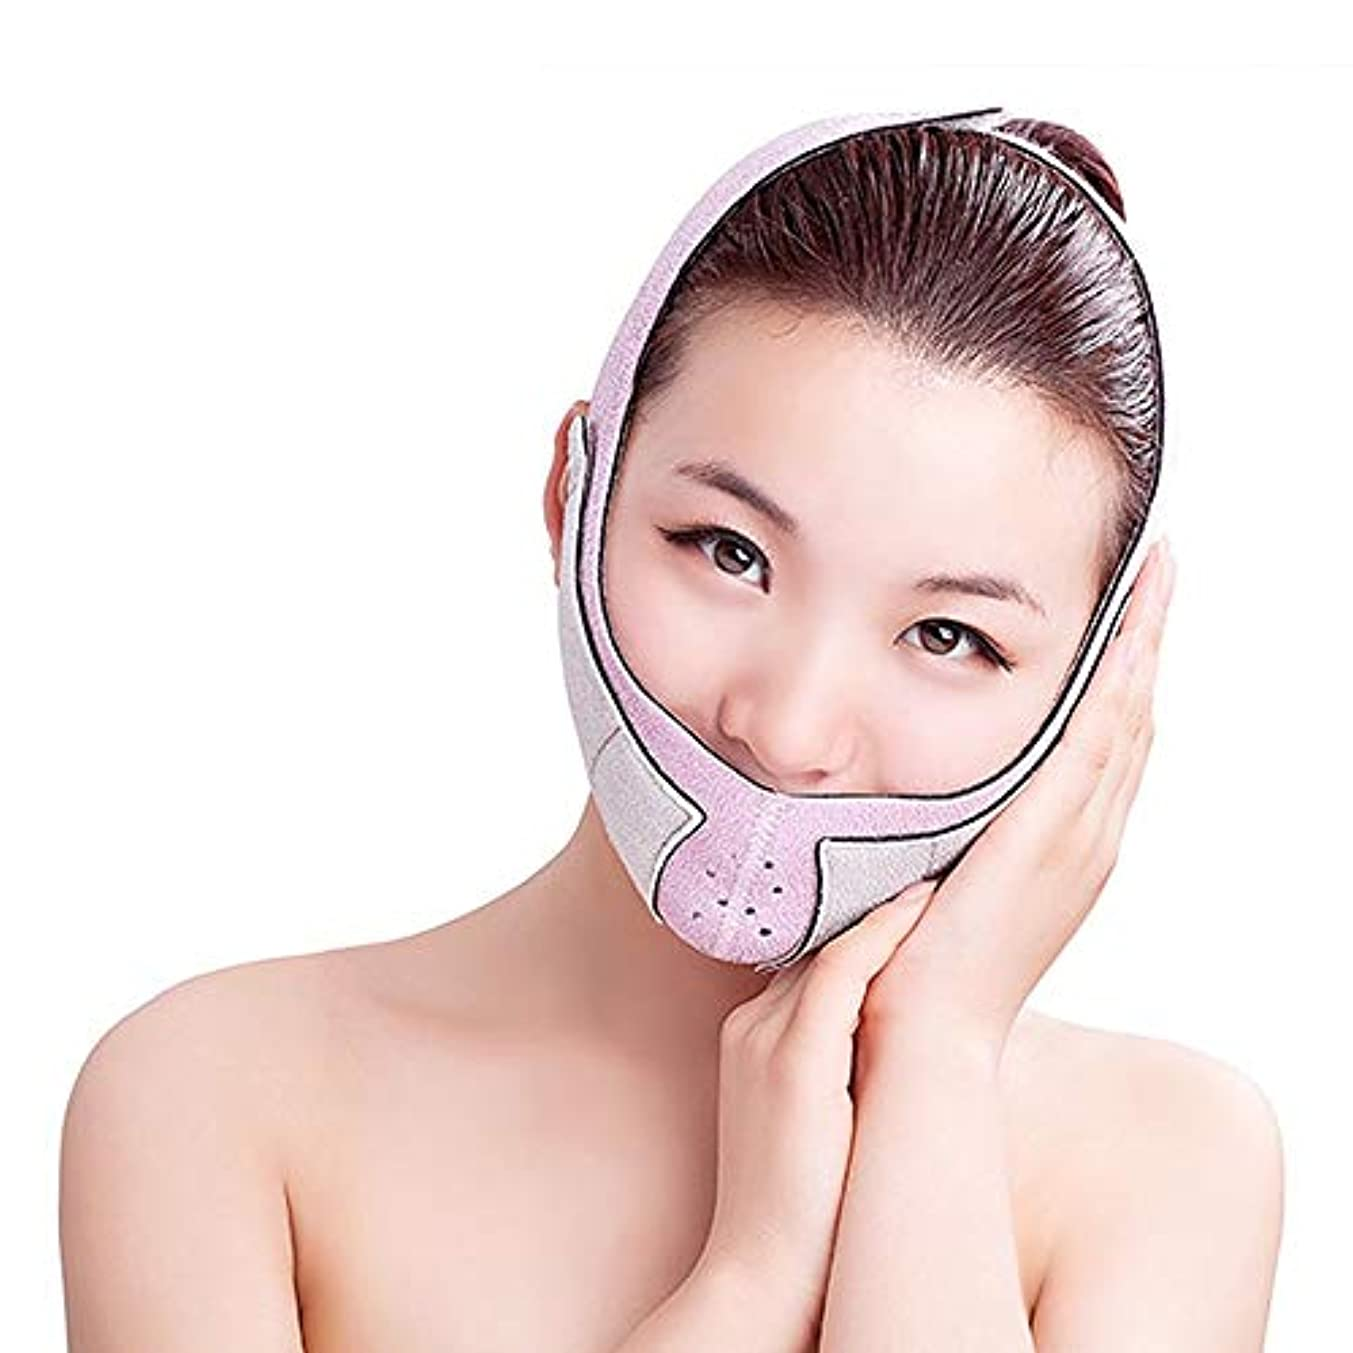 花火気取らない厄介な薄い顔のベルト - 薄い顔のベルト通気性の補正3D薄い顔のV顔のベルトの包帯薄い顔のアーティファクト (色 : B)